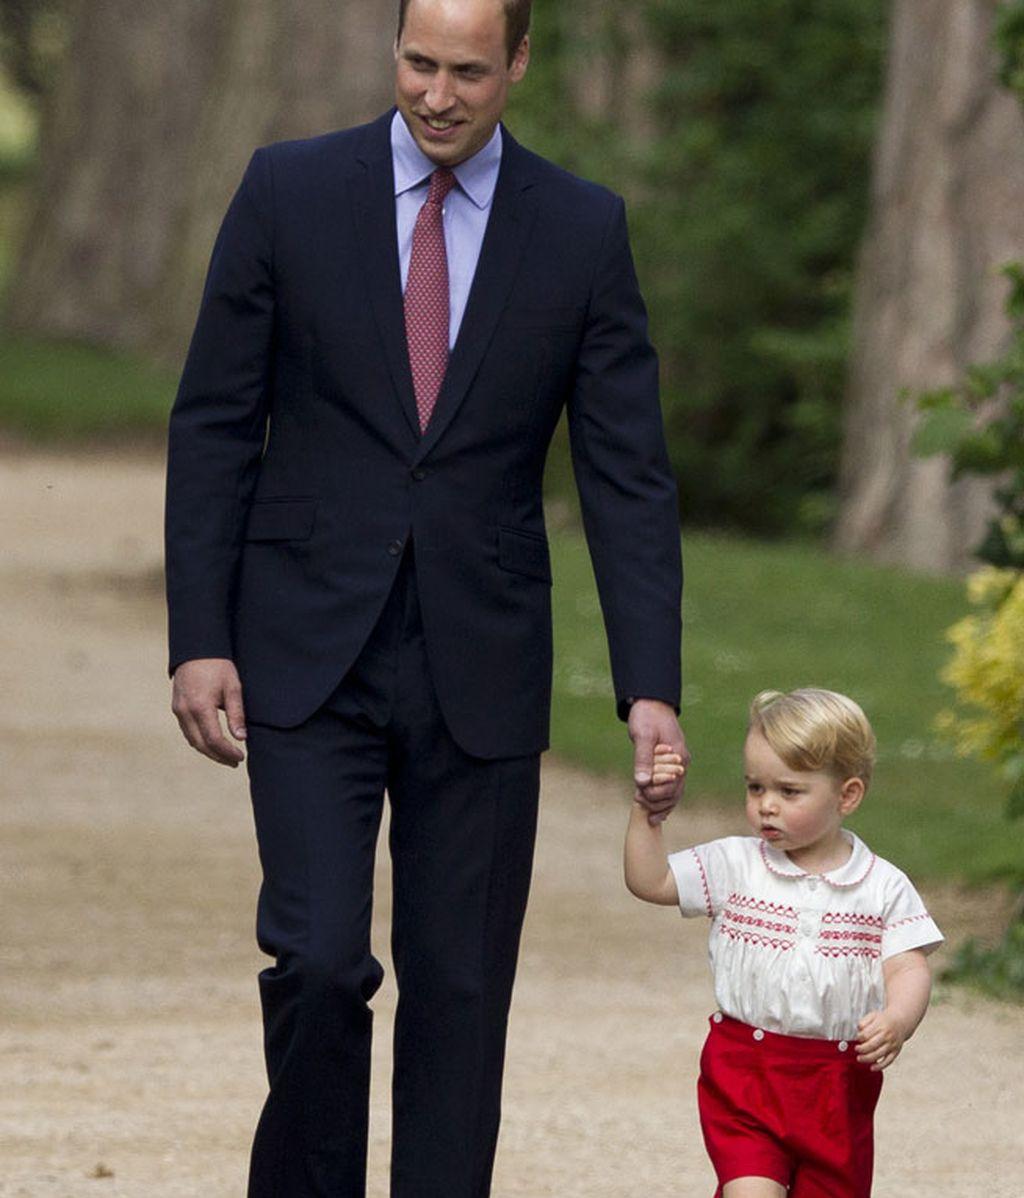 El príncipe Jorge llevó unos pantalones rojos y camisa blanca